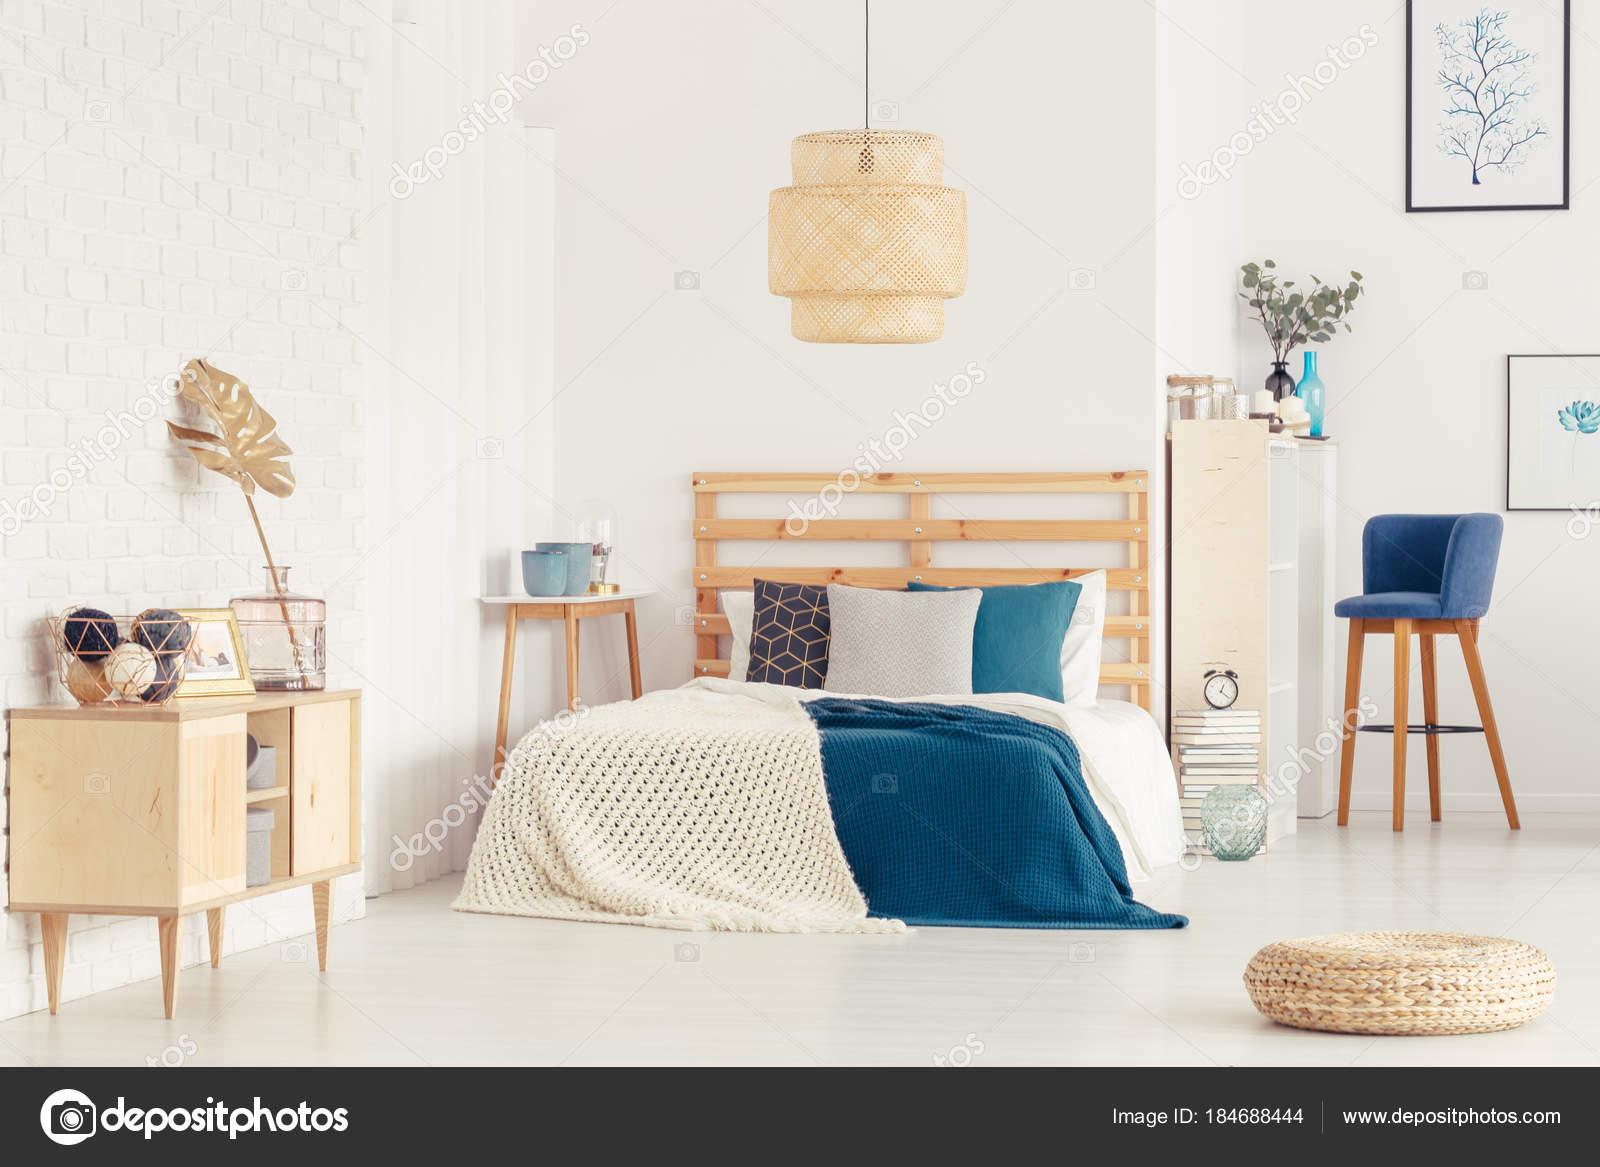 Blauwe Slaapkamer Lamp : Blauwe slaapkamer interieur met poef u stockfoto photographee eu